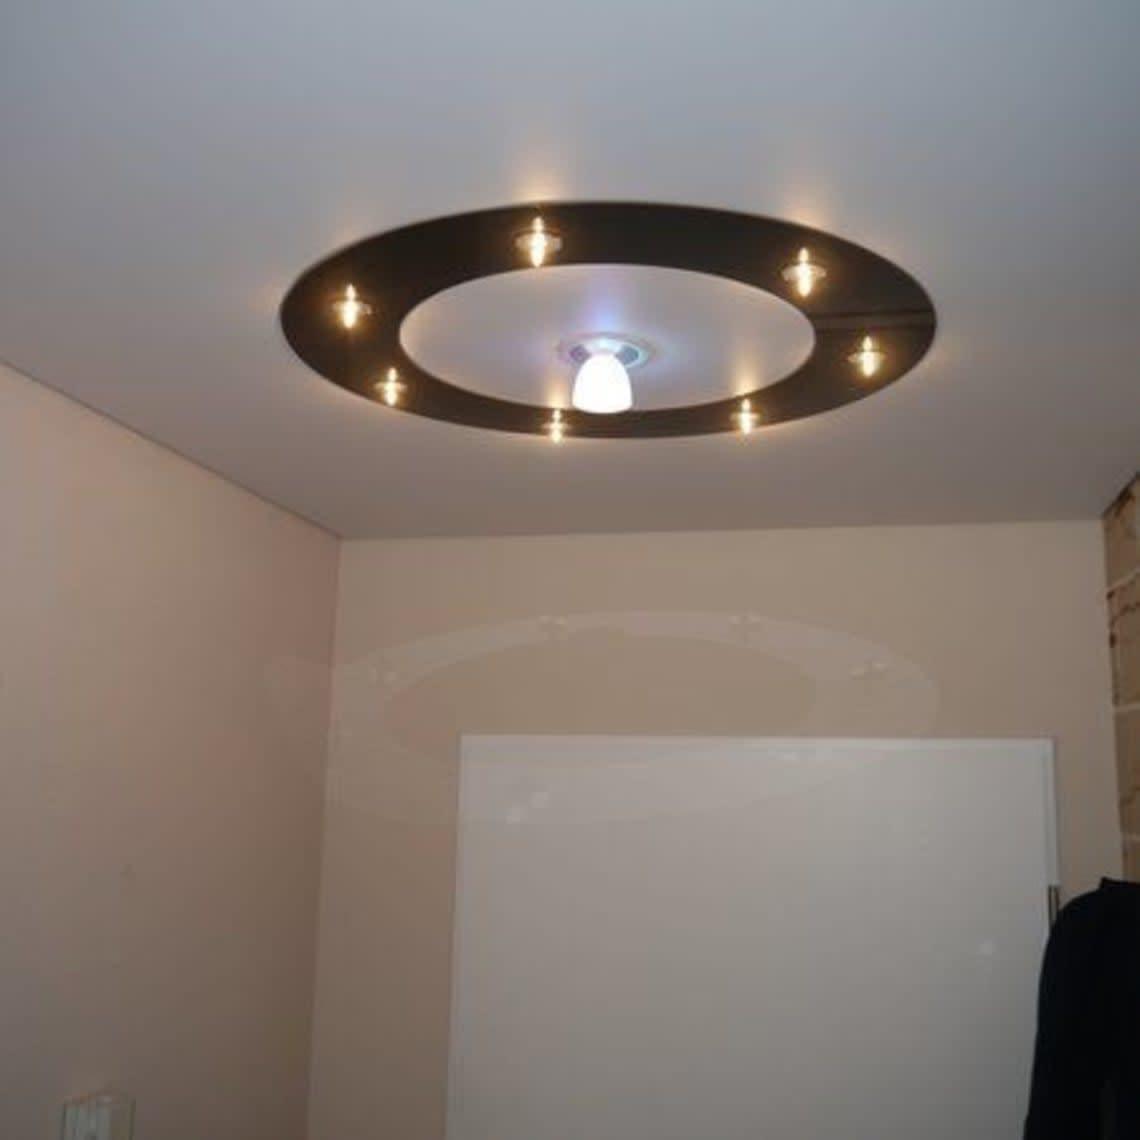 Lampe mit Lampenkreis